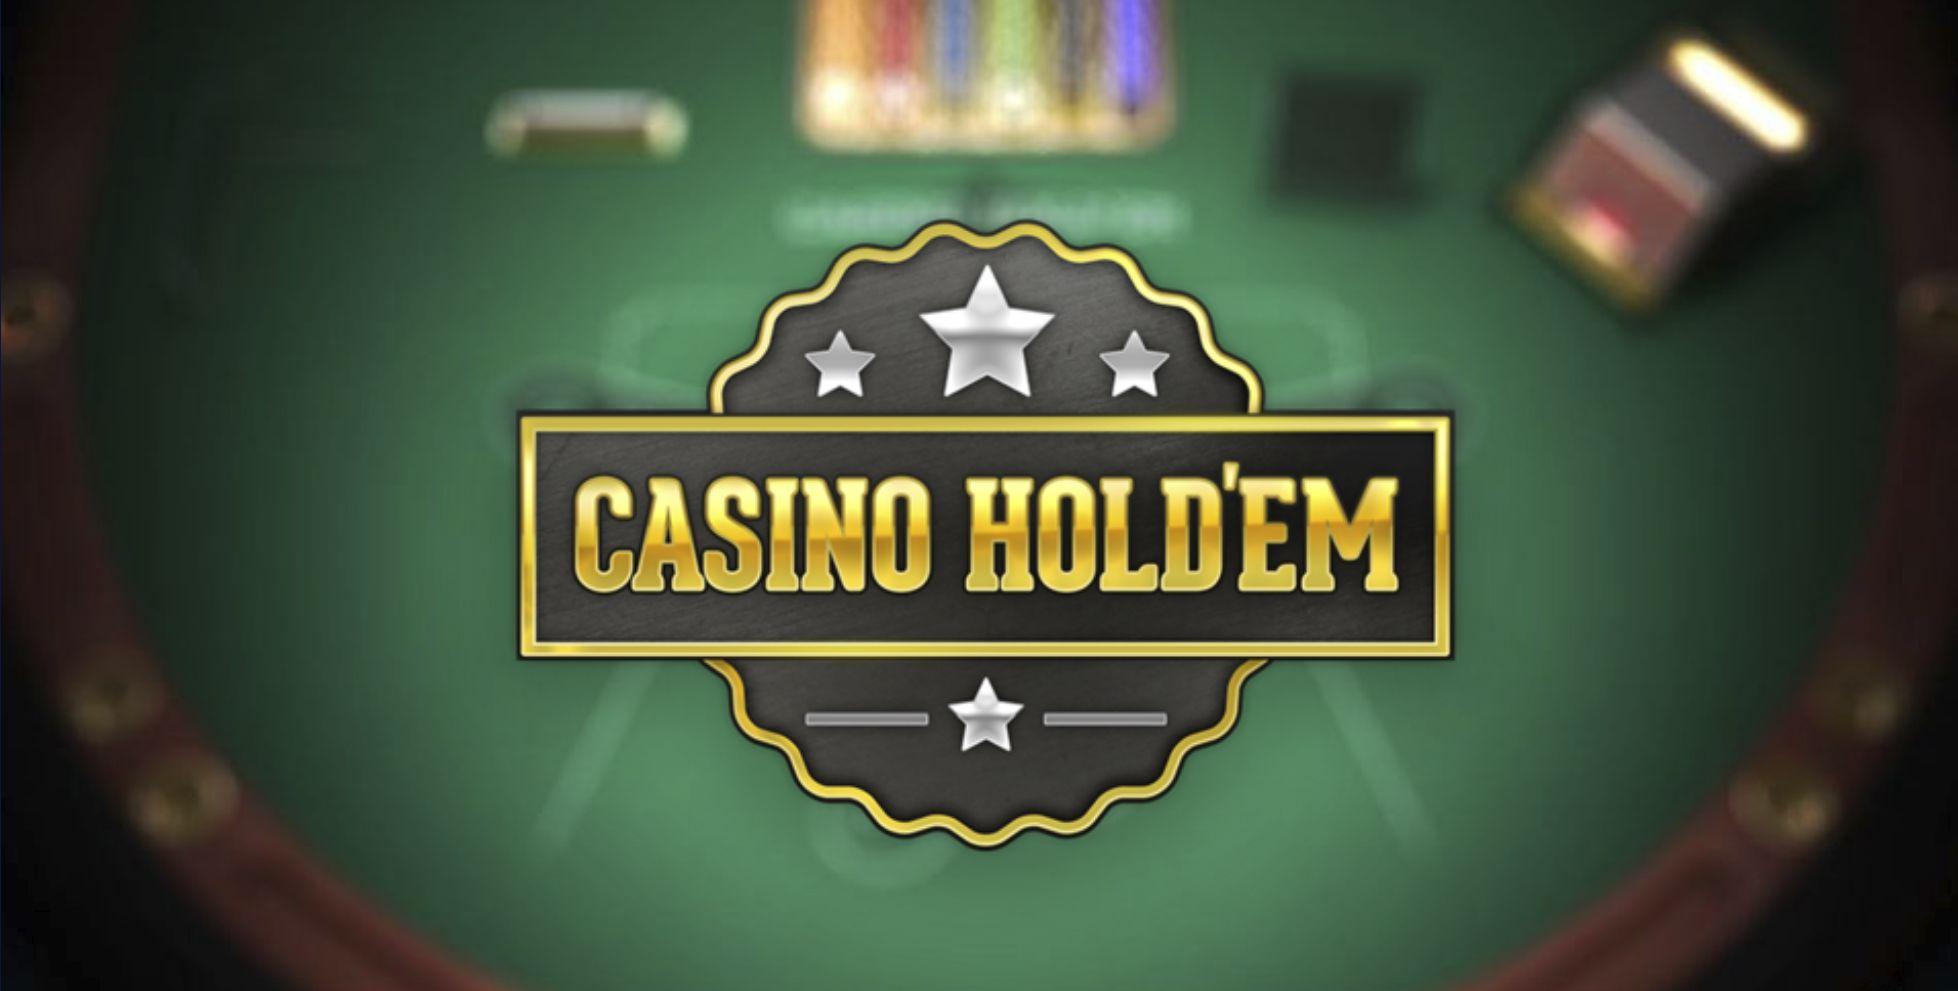 Casino holdem-pokeri kasinolla verkossa